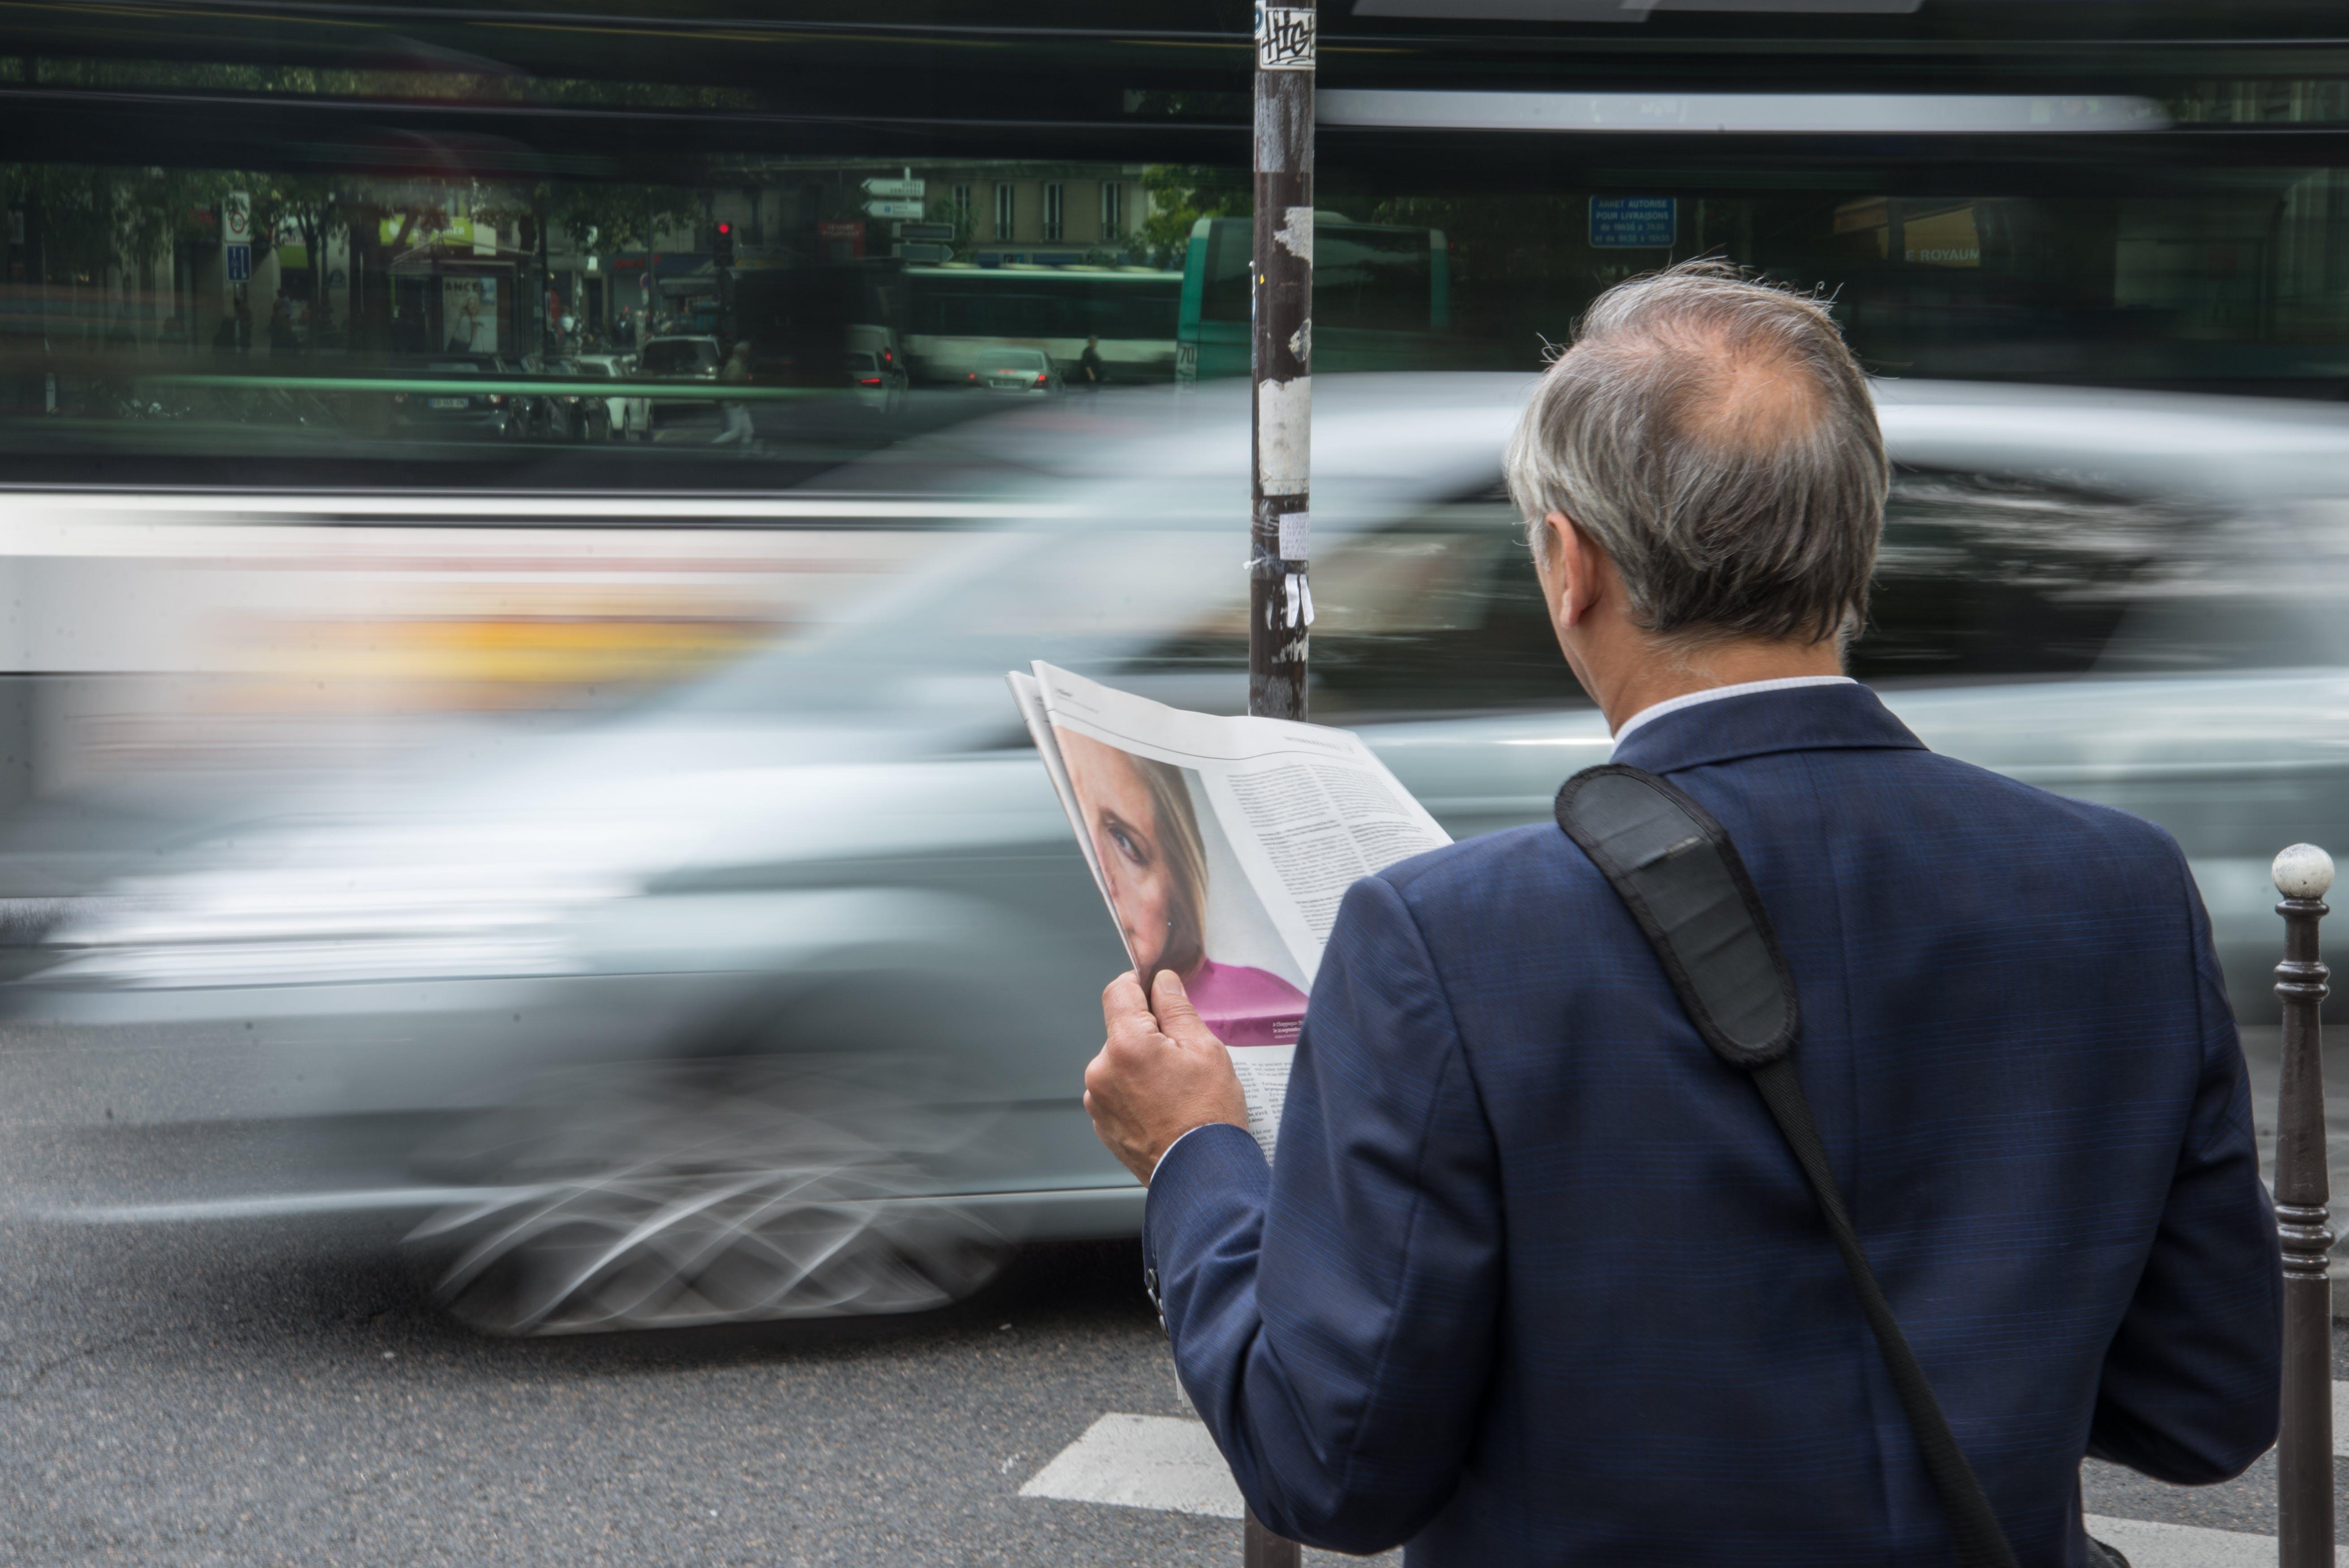 Fotos de stock gratuitas de calle, carretera, ciudad, coche